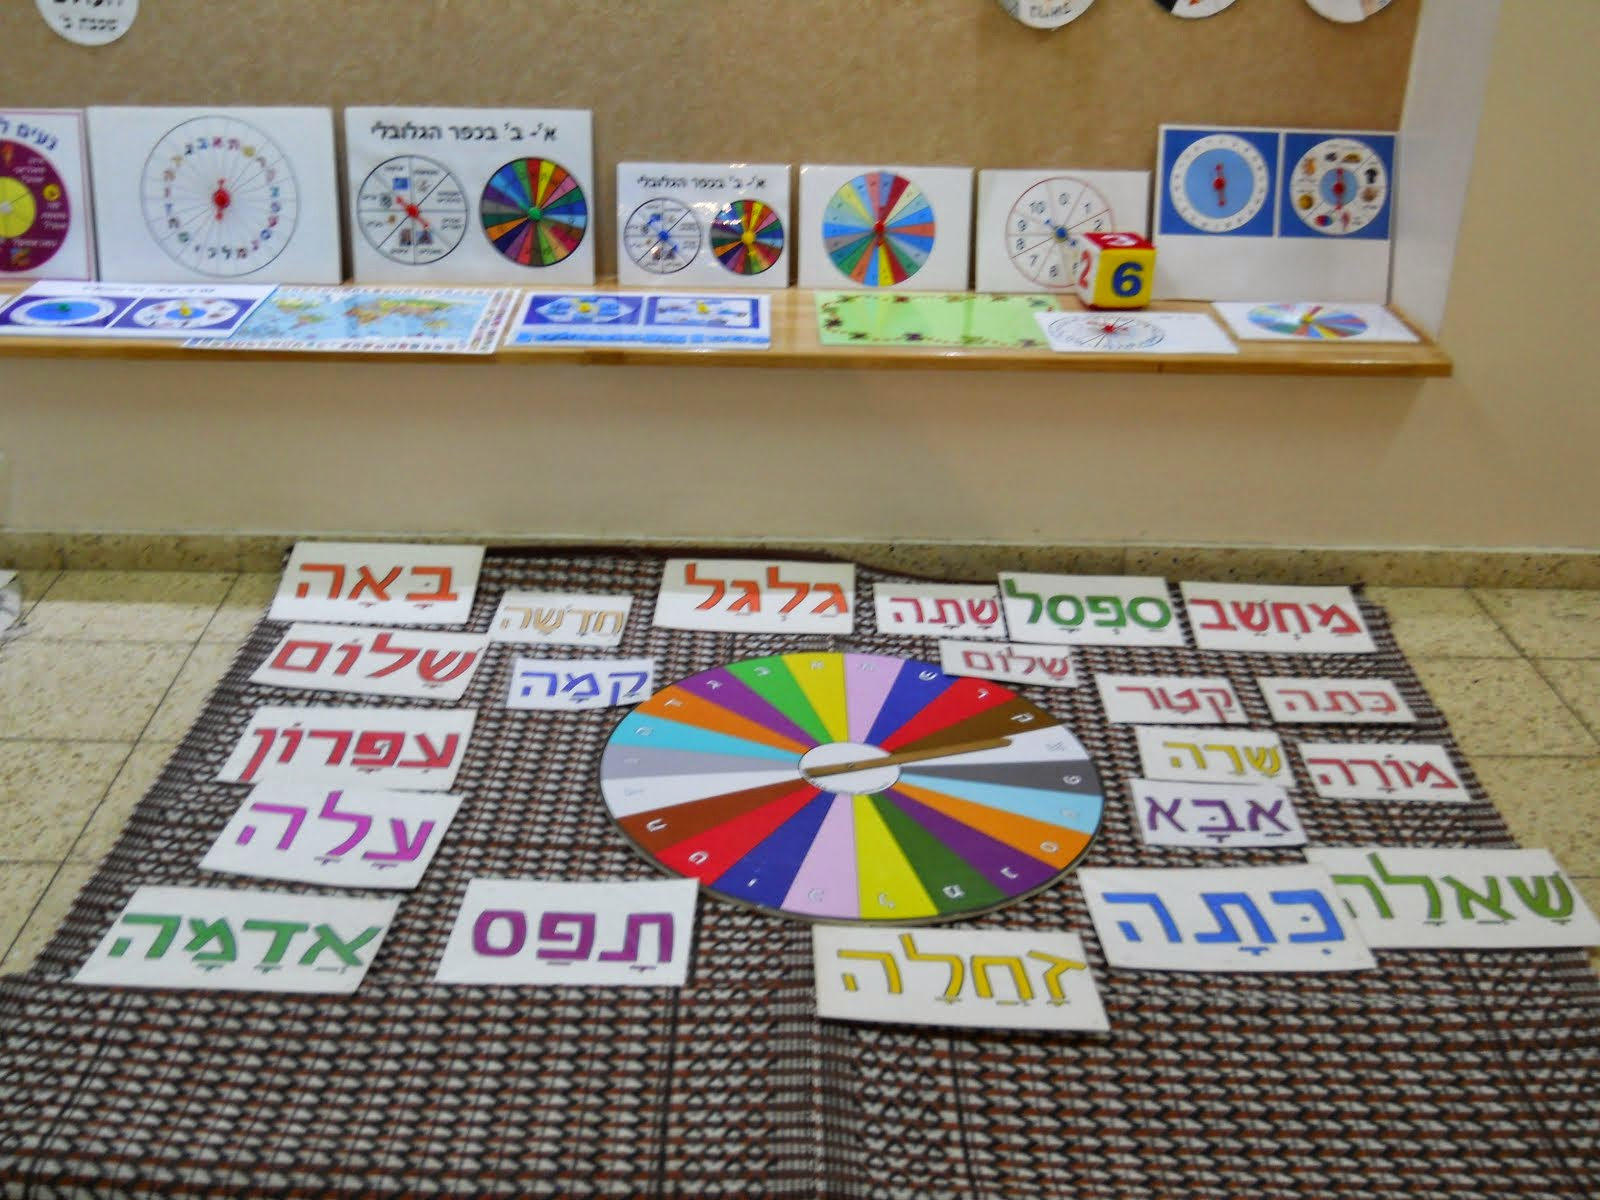 שילוב המשחק בלמידה: לא מדובר בהעשרה אלא בלימוד הקריאה והחשבון בדרך שונה מעניינת ומאתגרת עבור